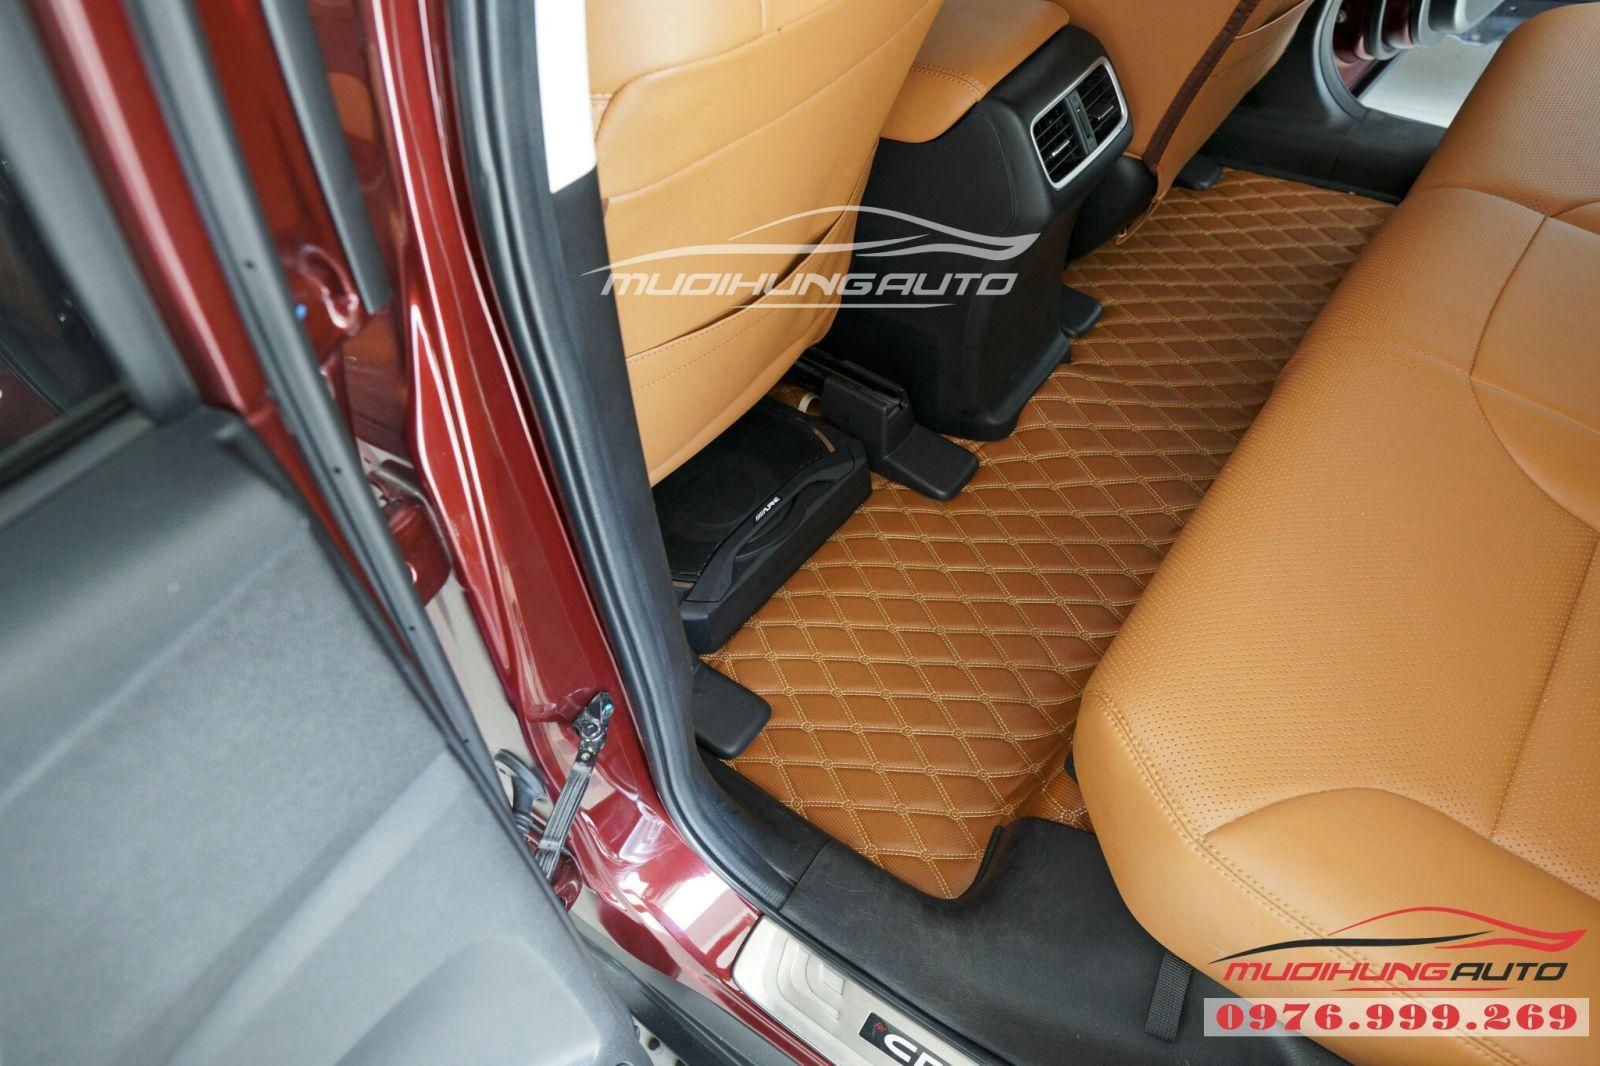 Lót sàn da 5D cao cấp cho Honda CRV giá tốt 04